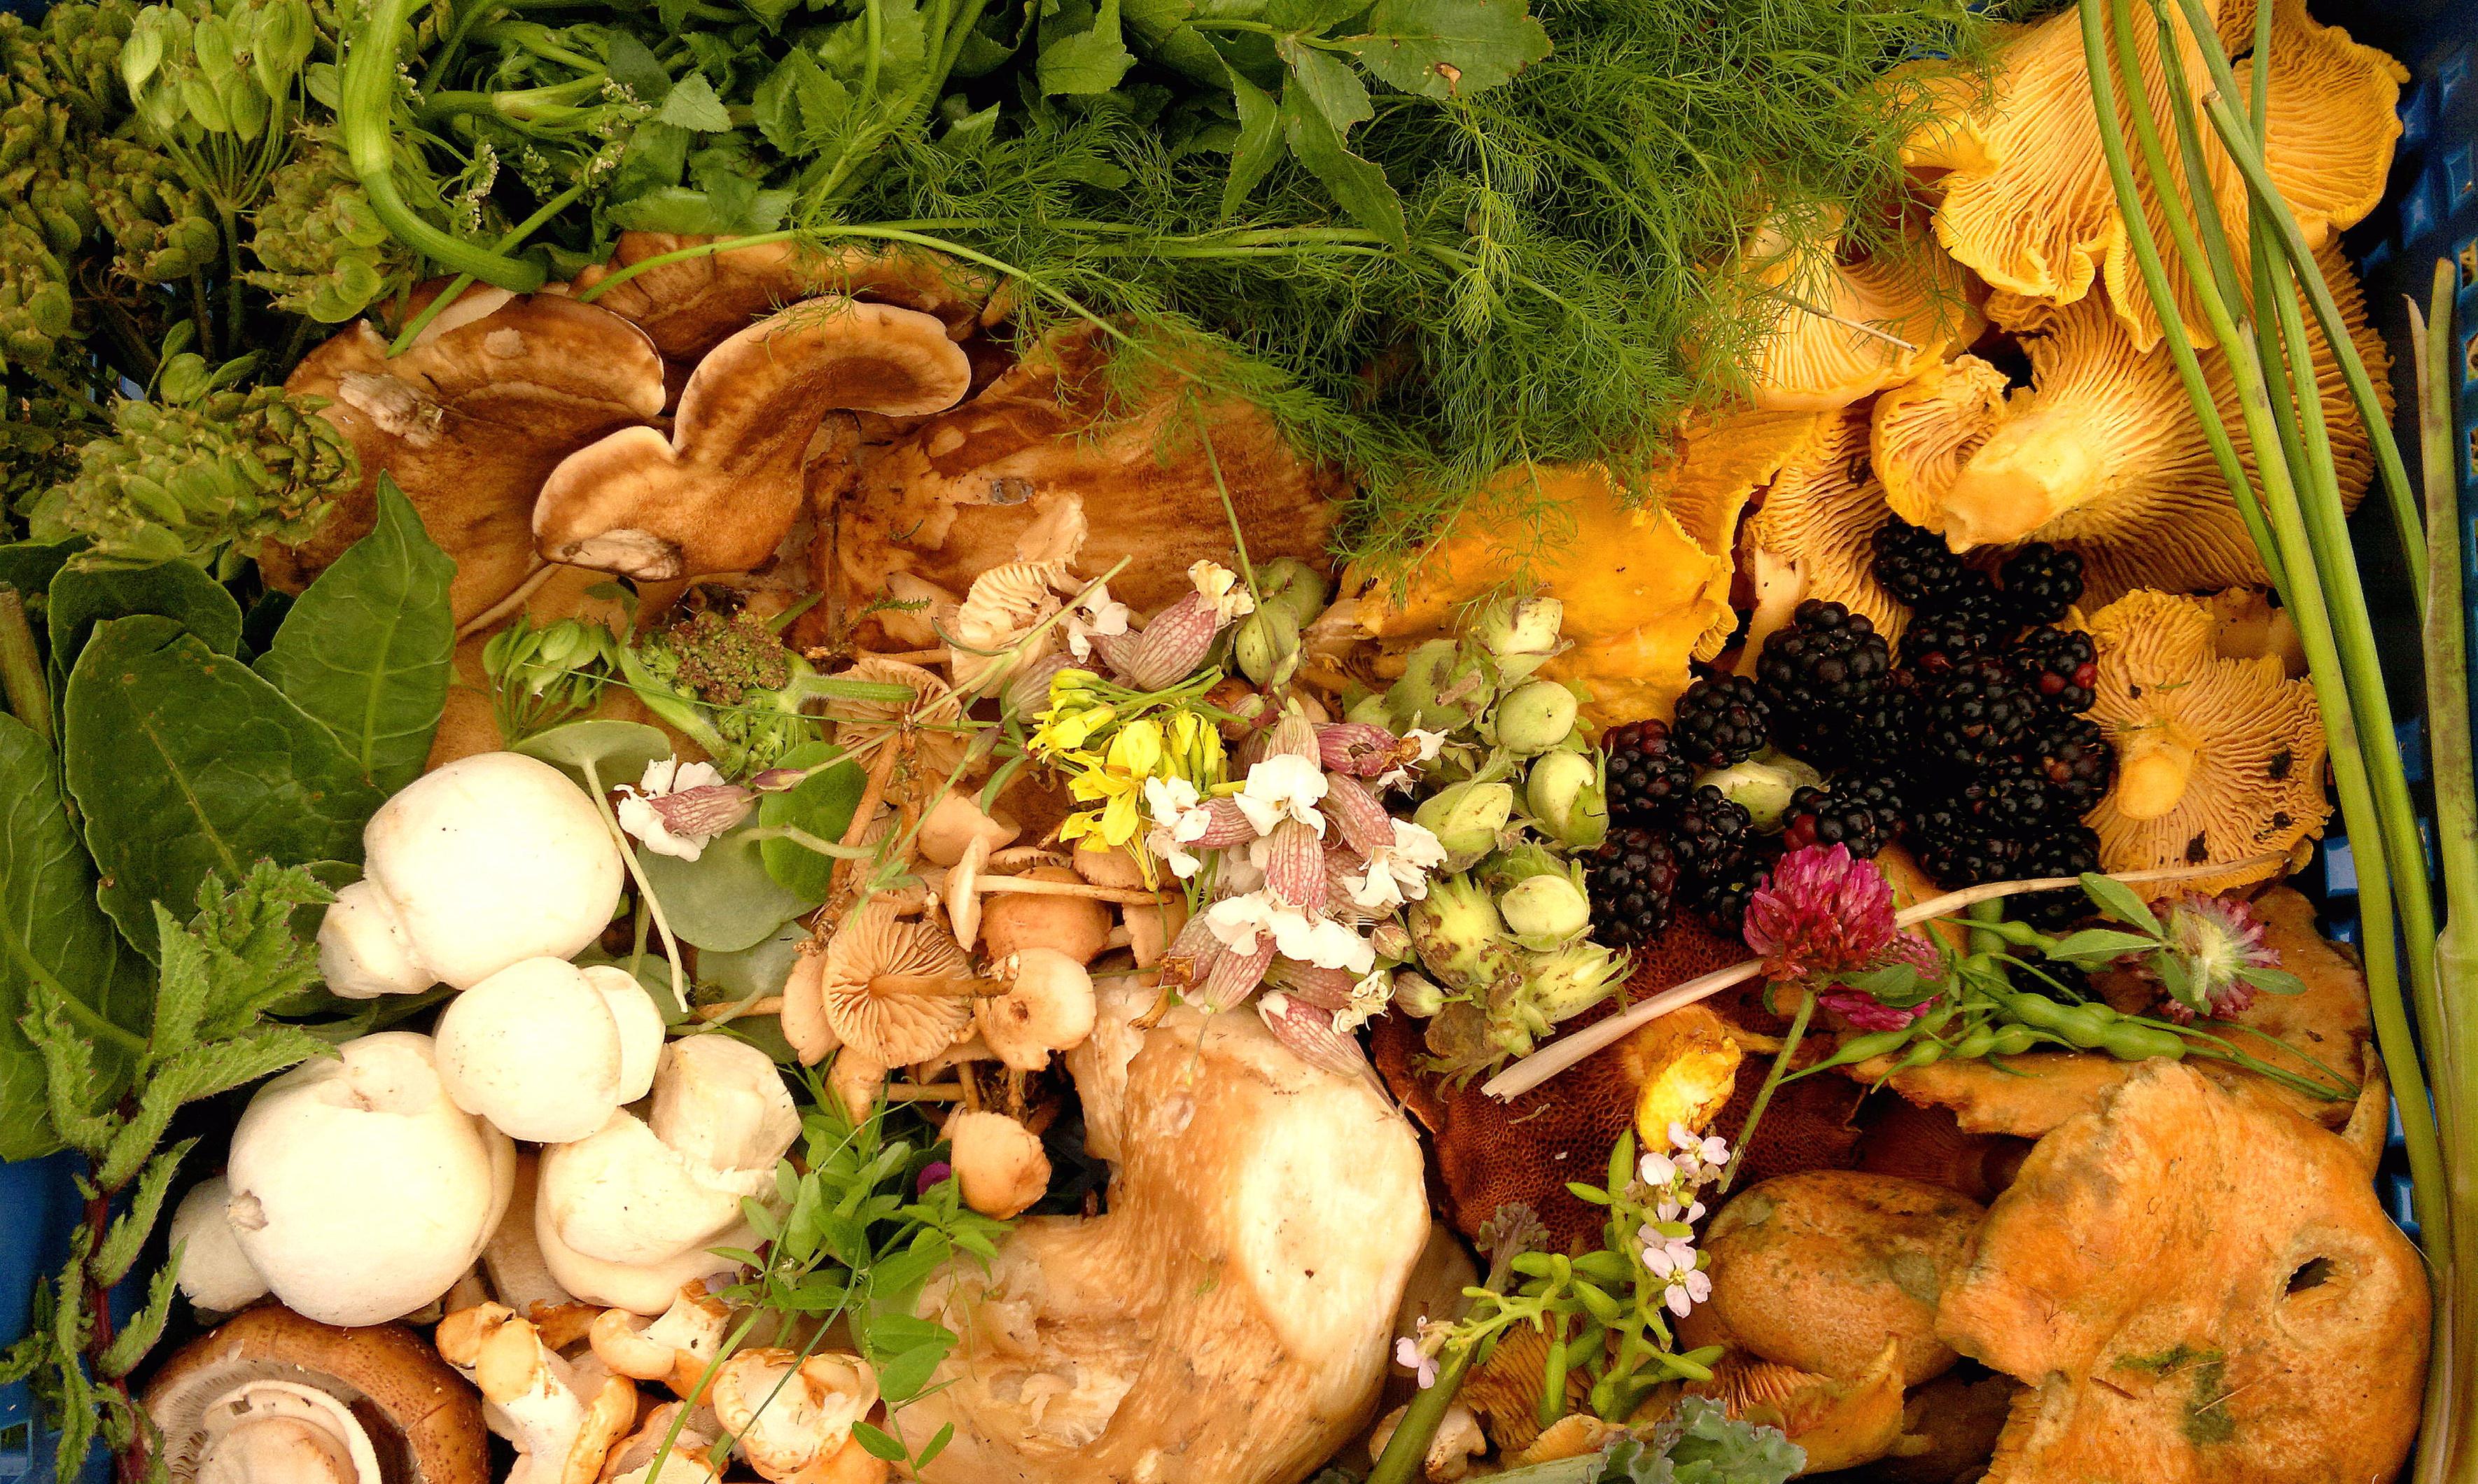 Mixed tray of wild food